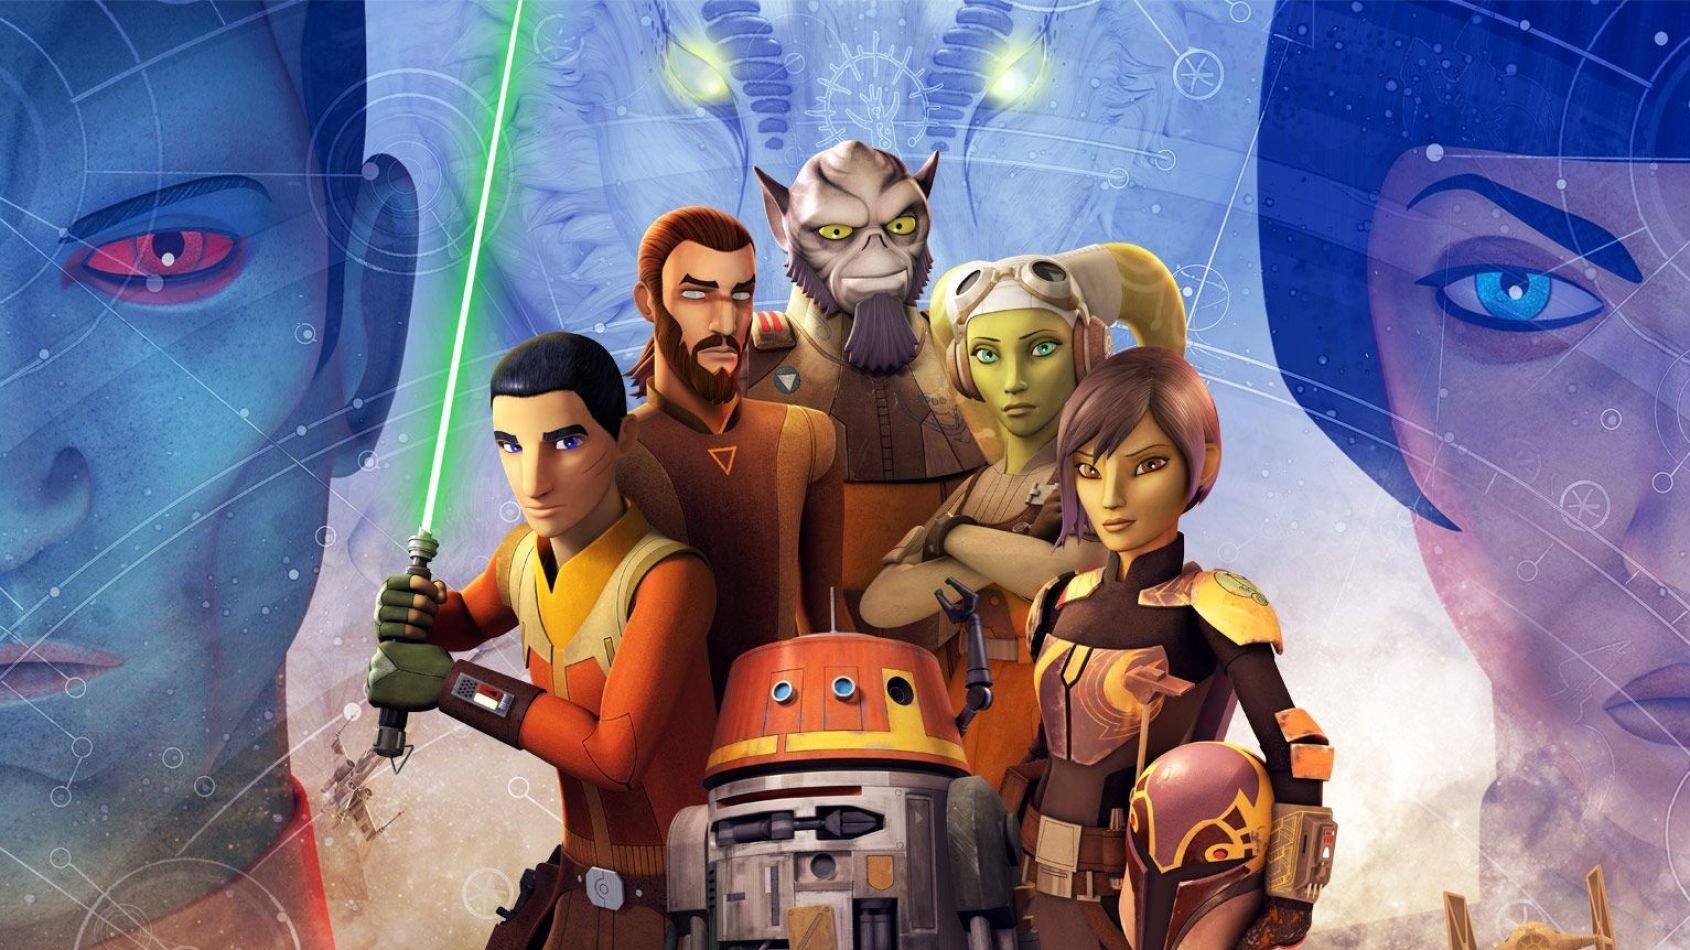 Preview pour l'épisode 10 de la saison 4 de Star Wars Rebels